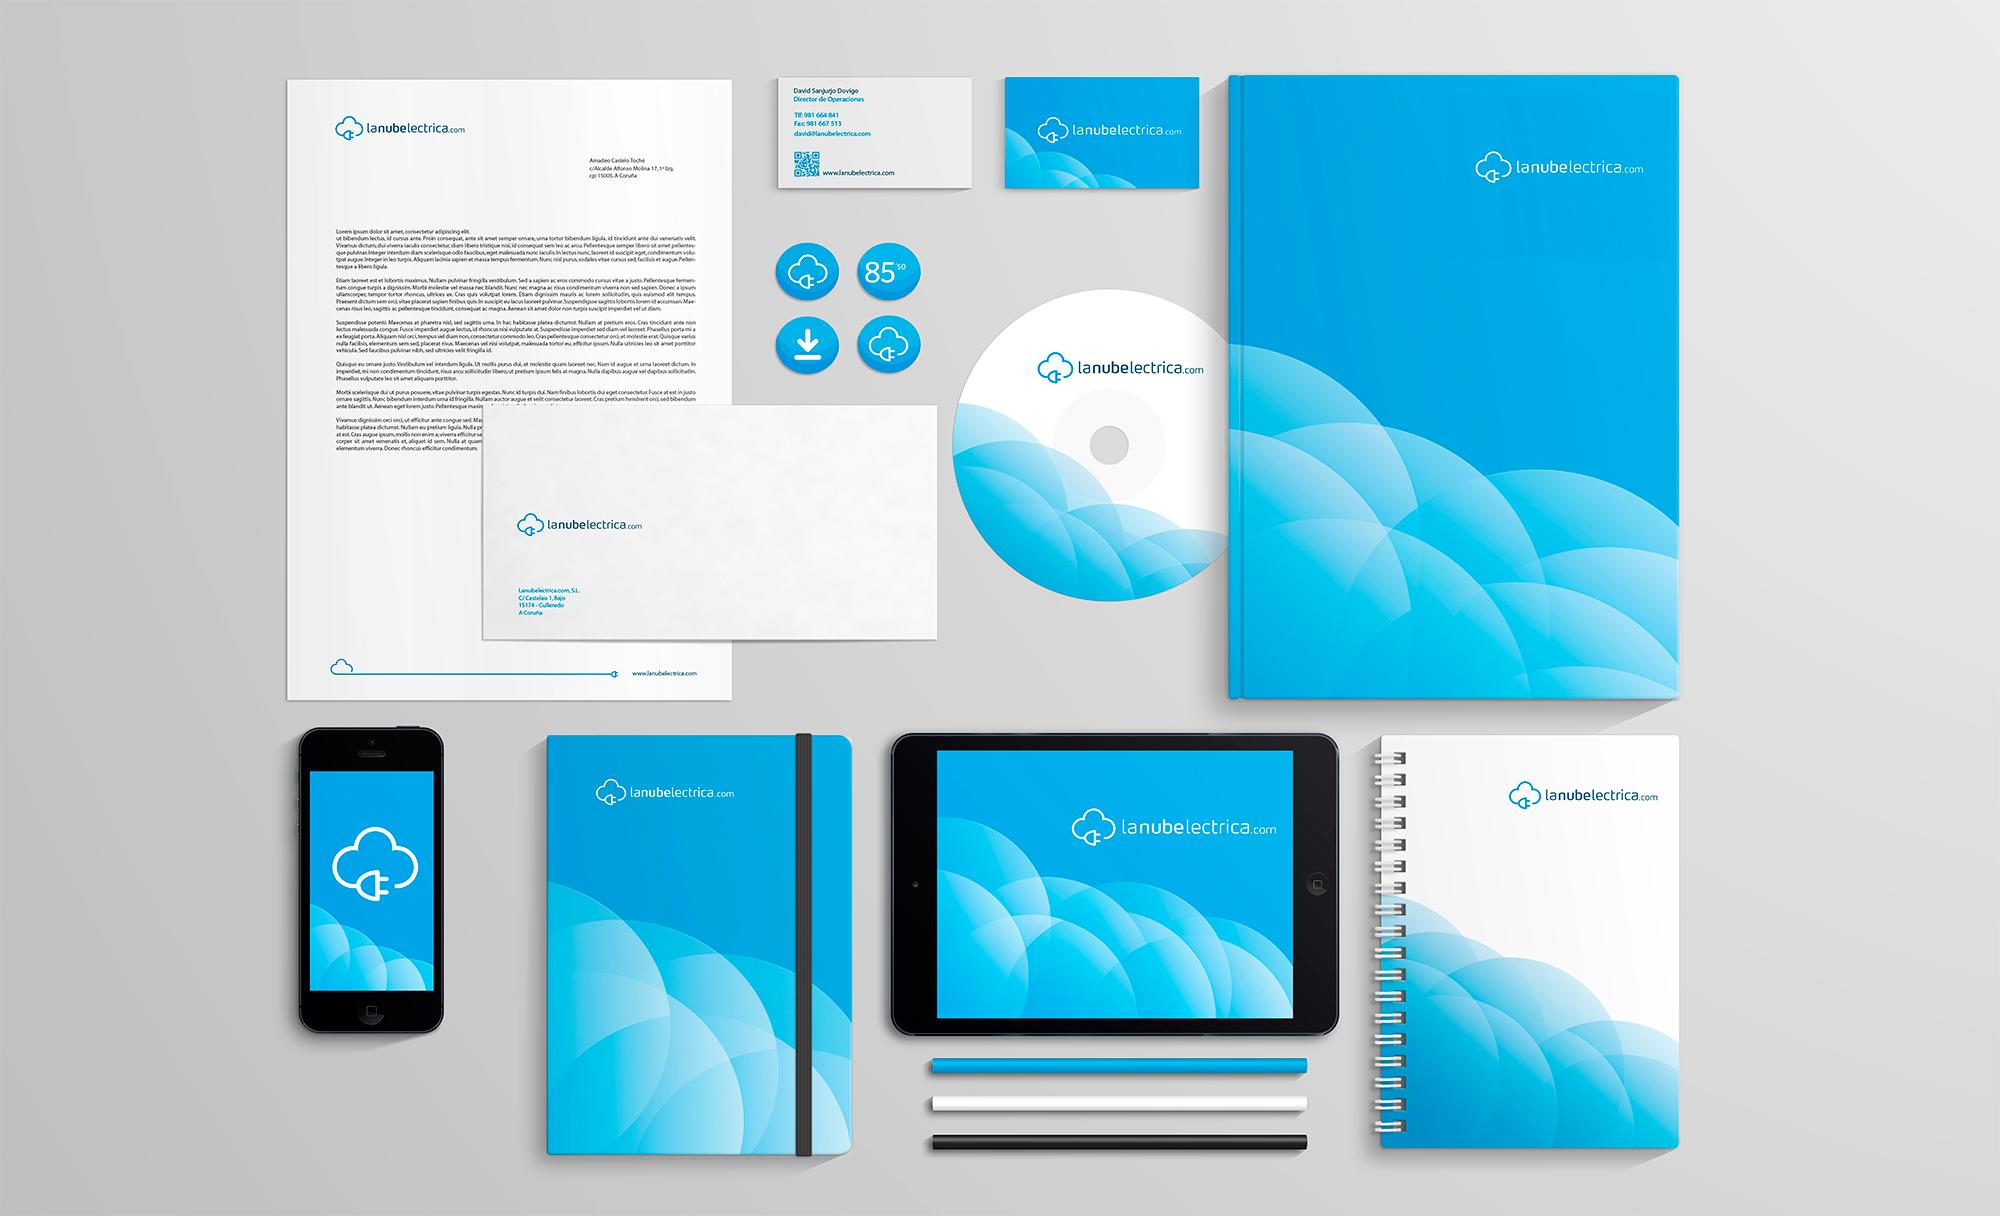 Diseno de papelería, sobres y libretas para la identidad corporativa de la nube eléctrica